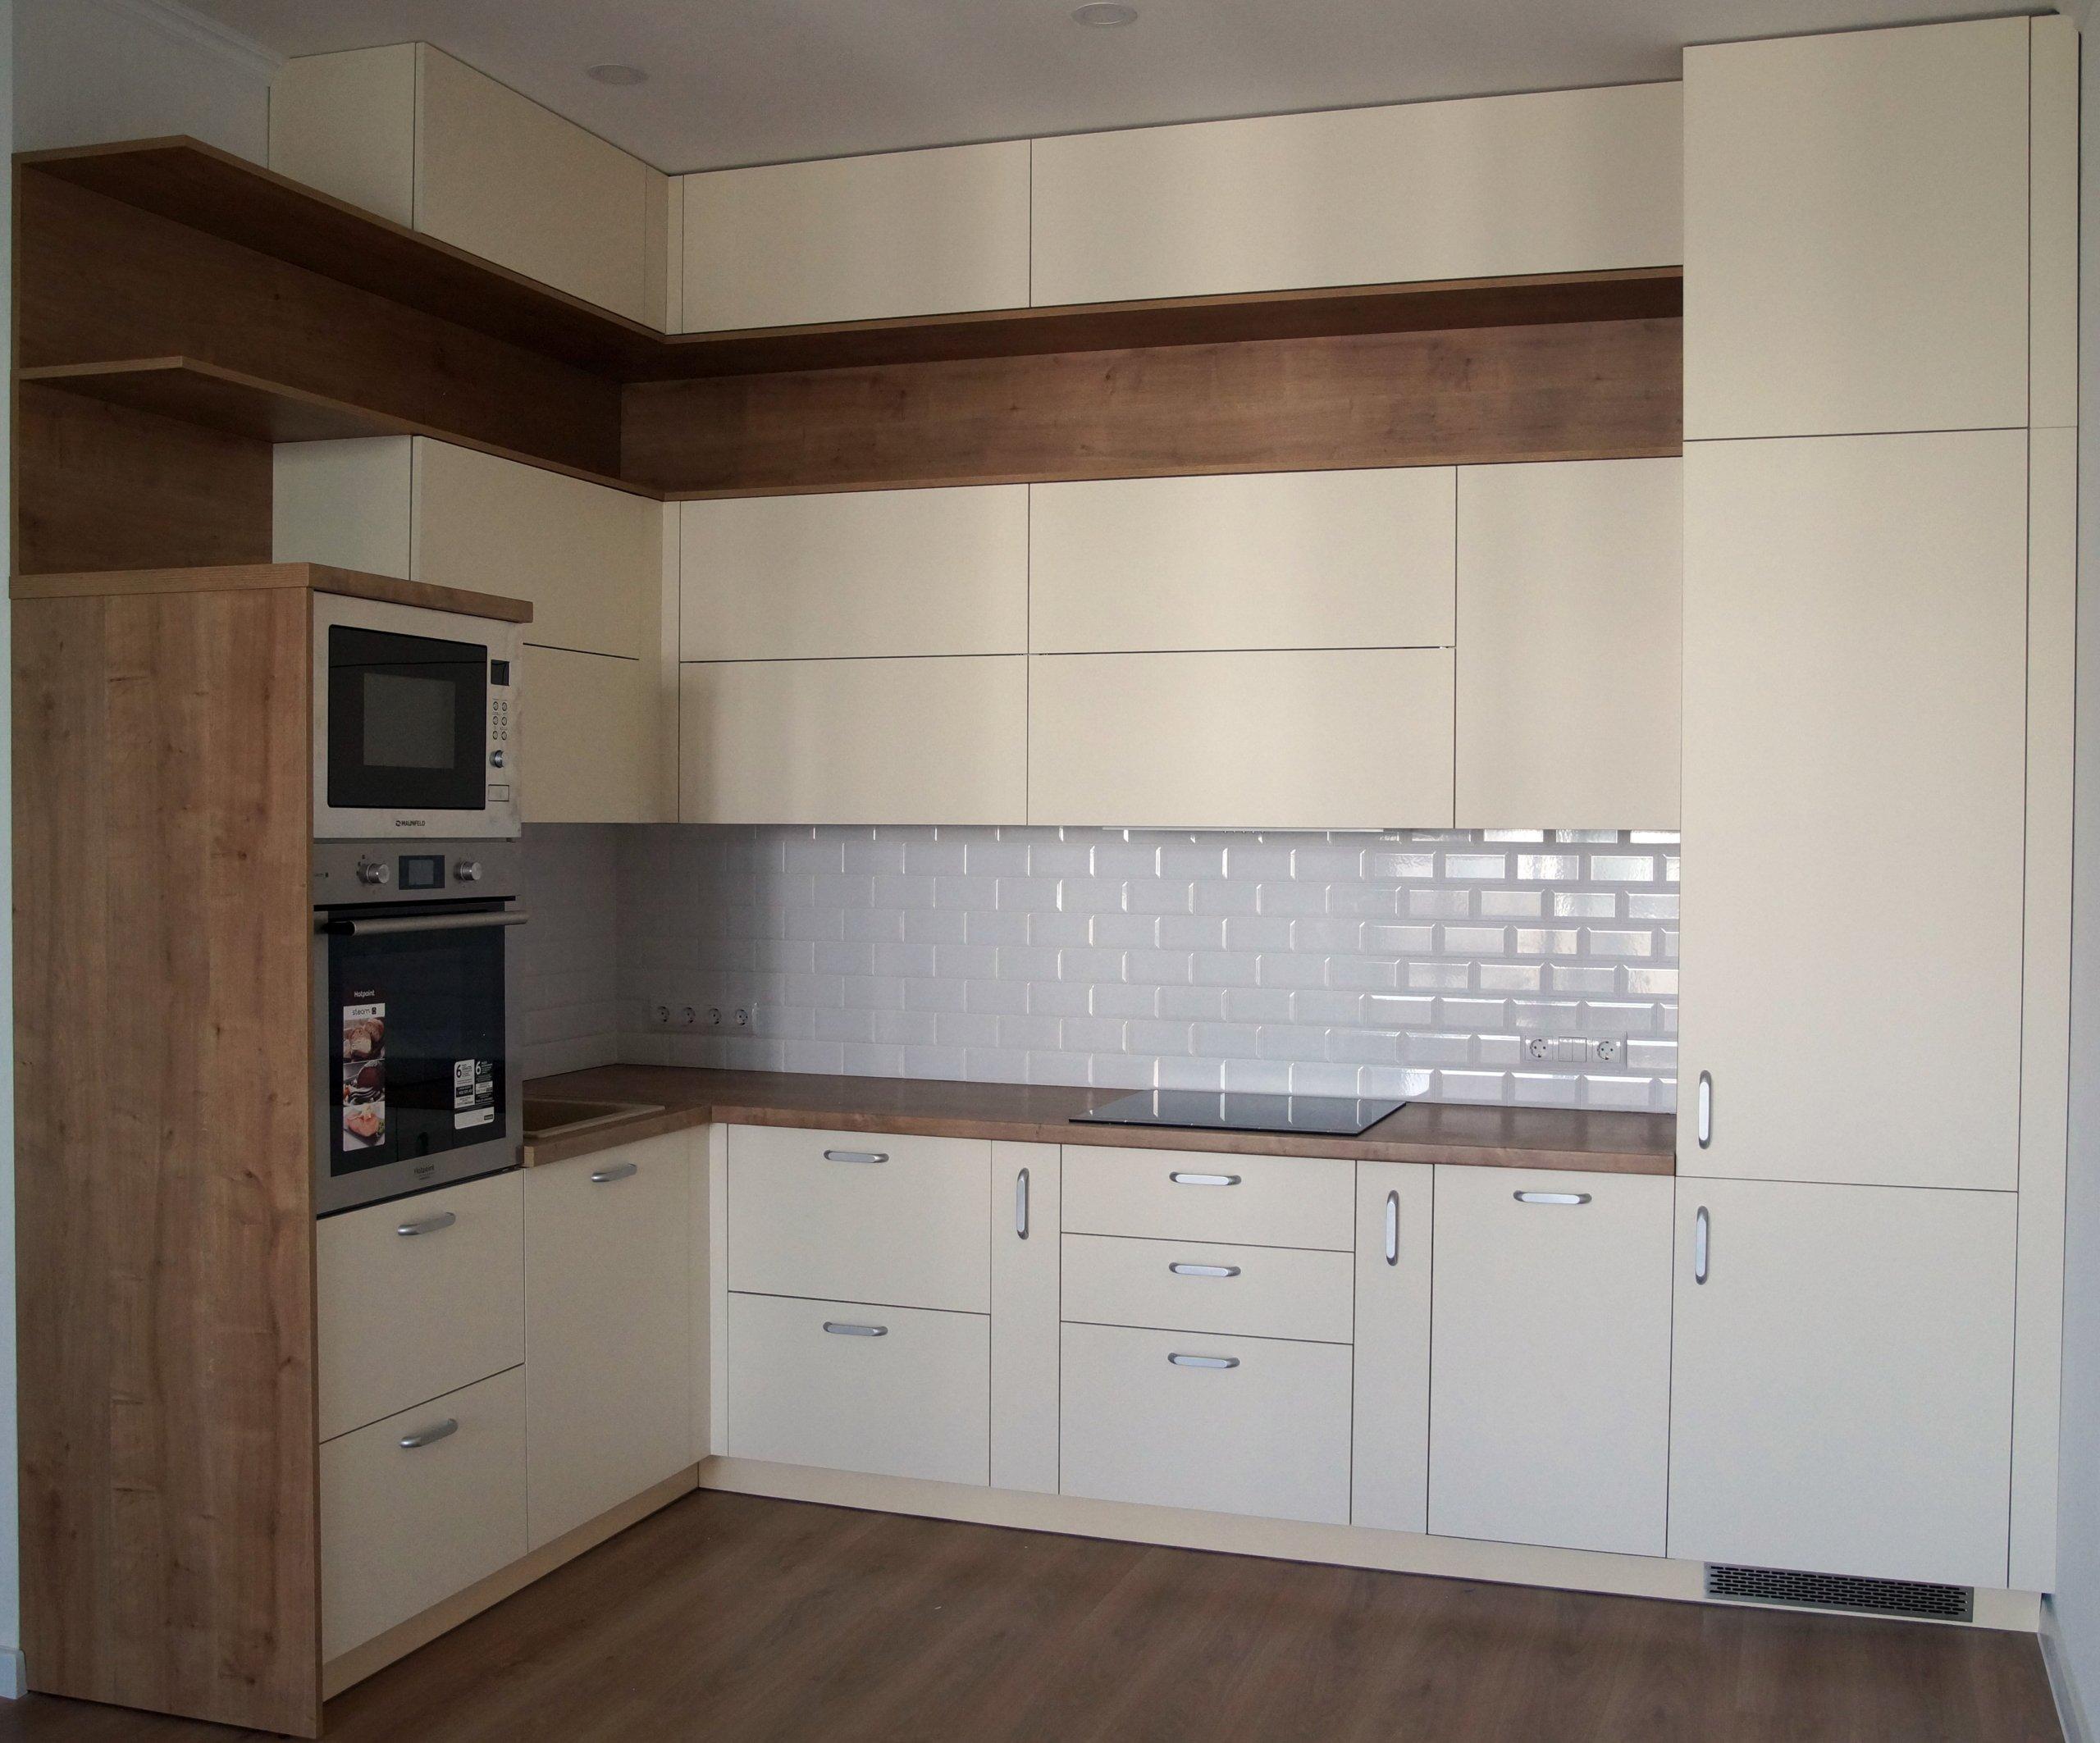 Кухня светлая с деревянными элементами в современном стиле